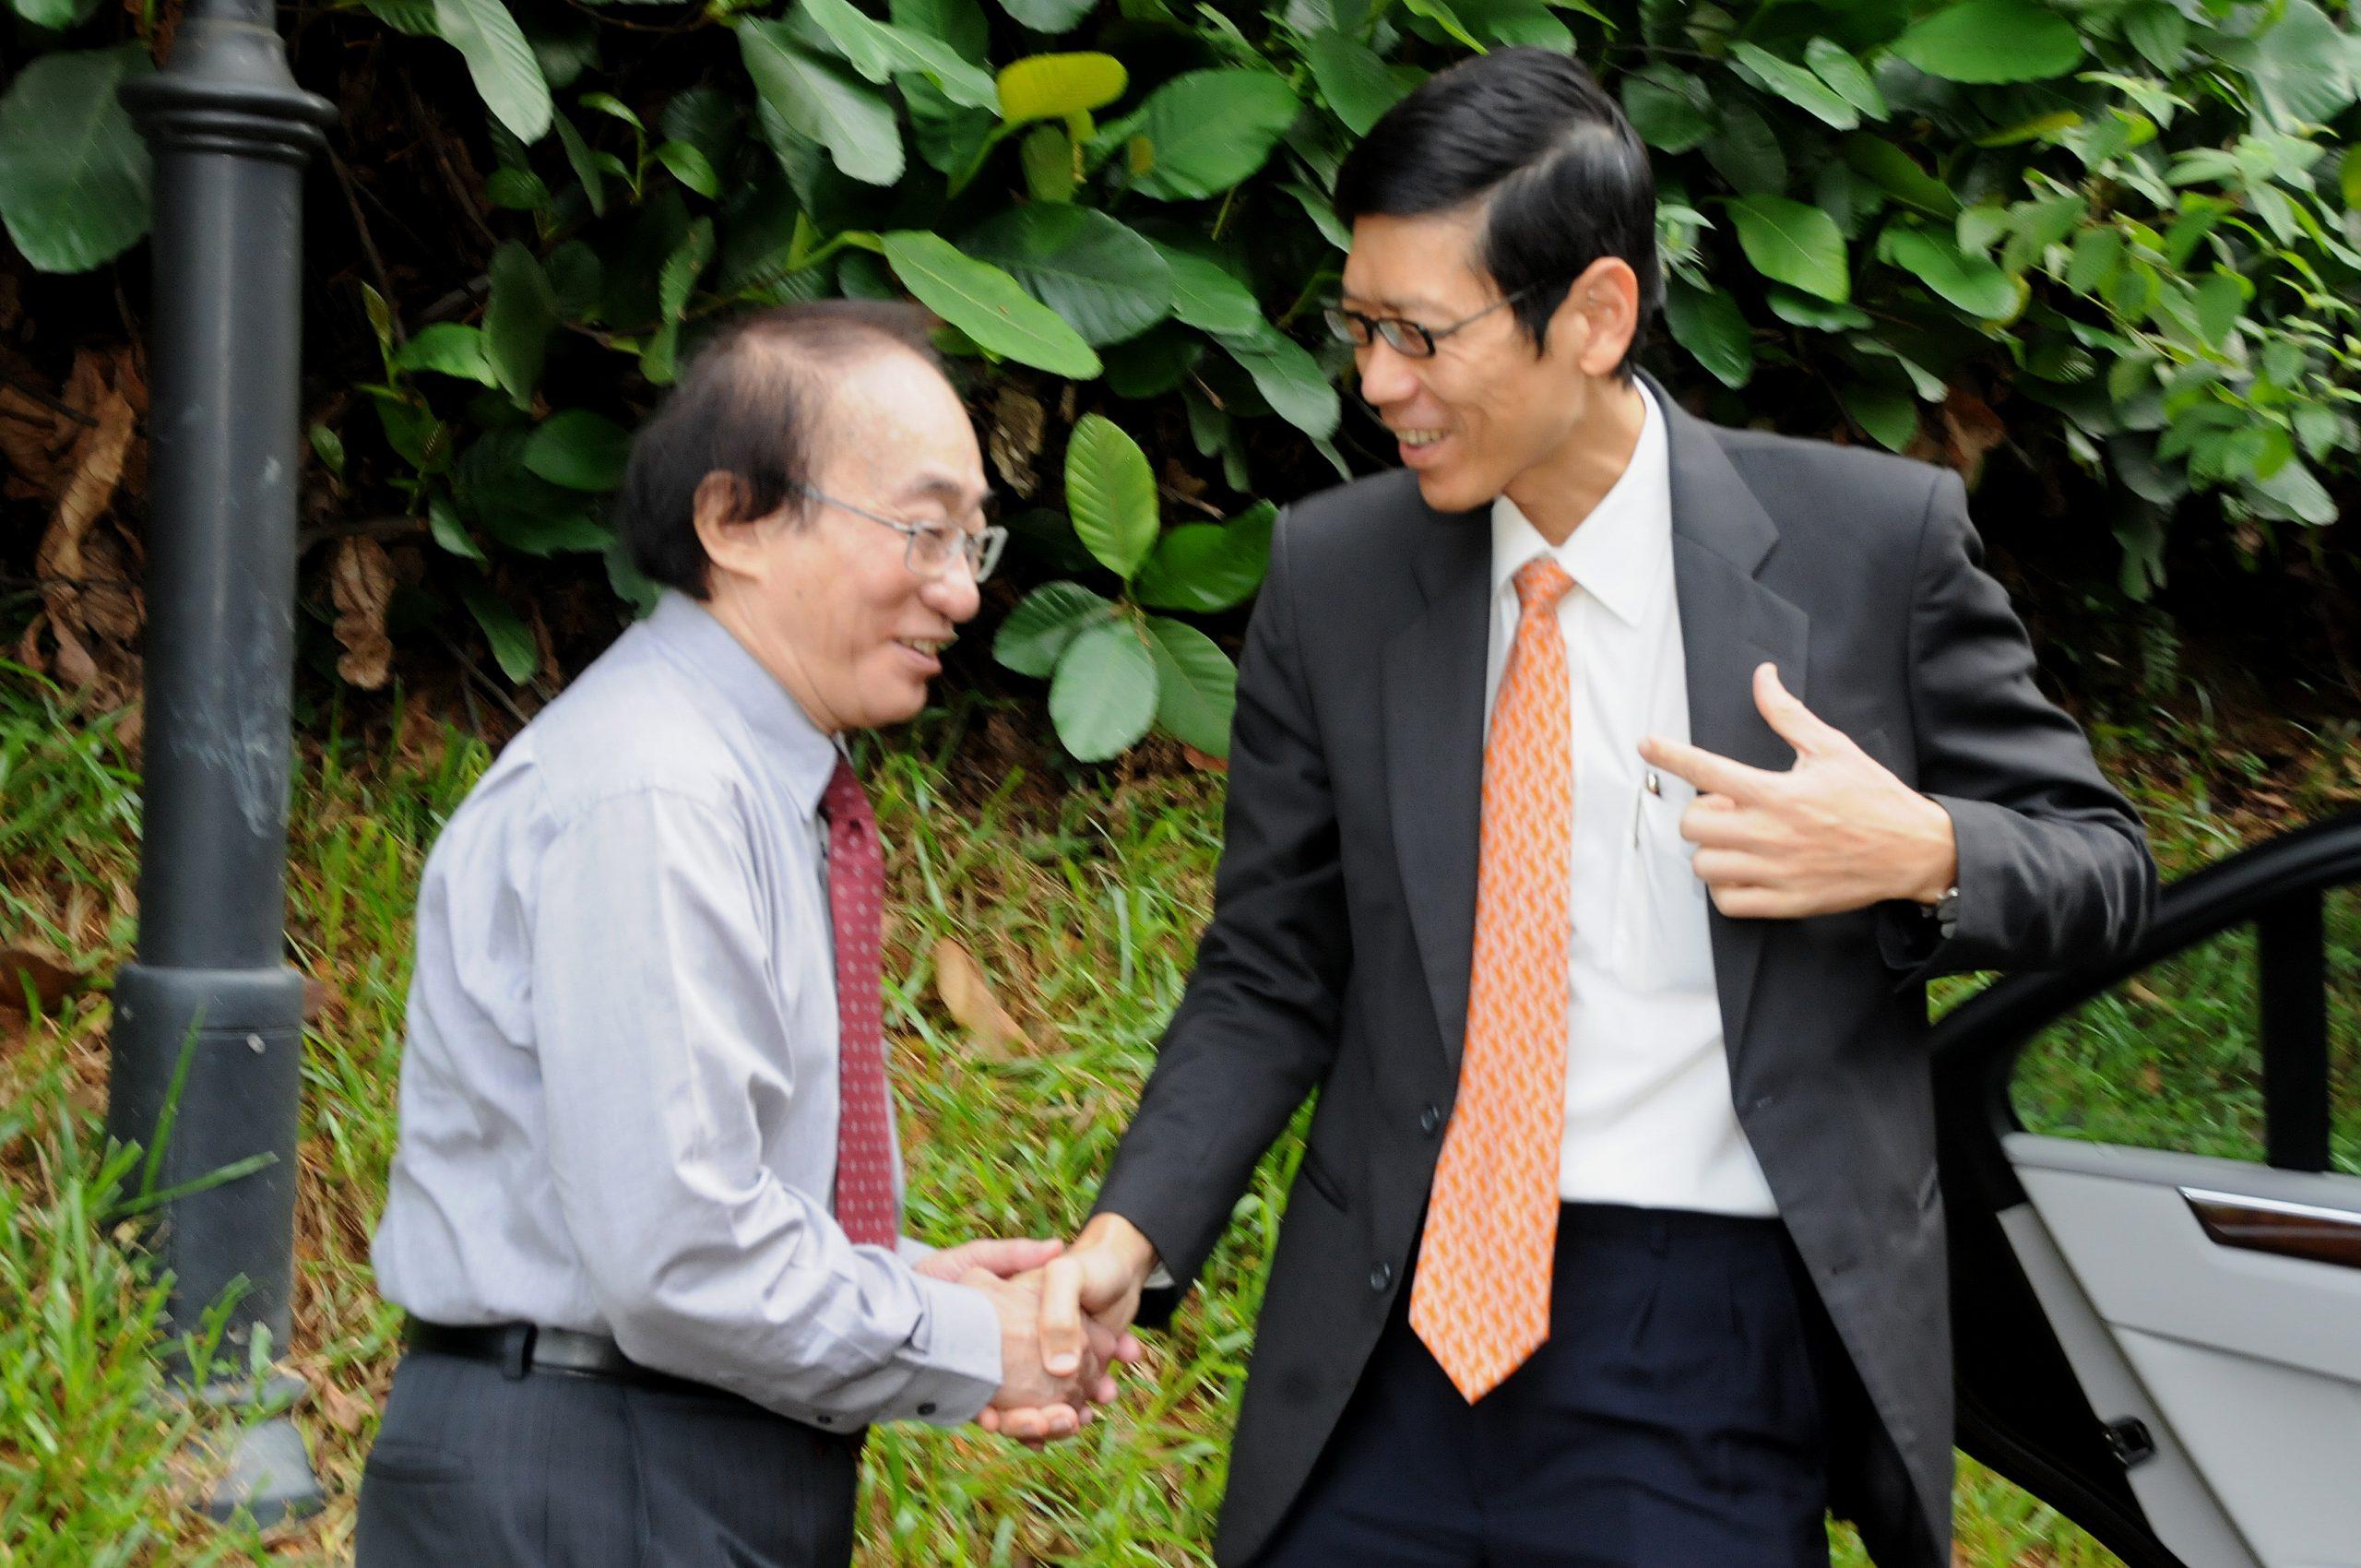 IMS Director Louis CHEN greets NUS President TAN Chorh Chuan